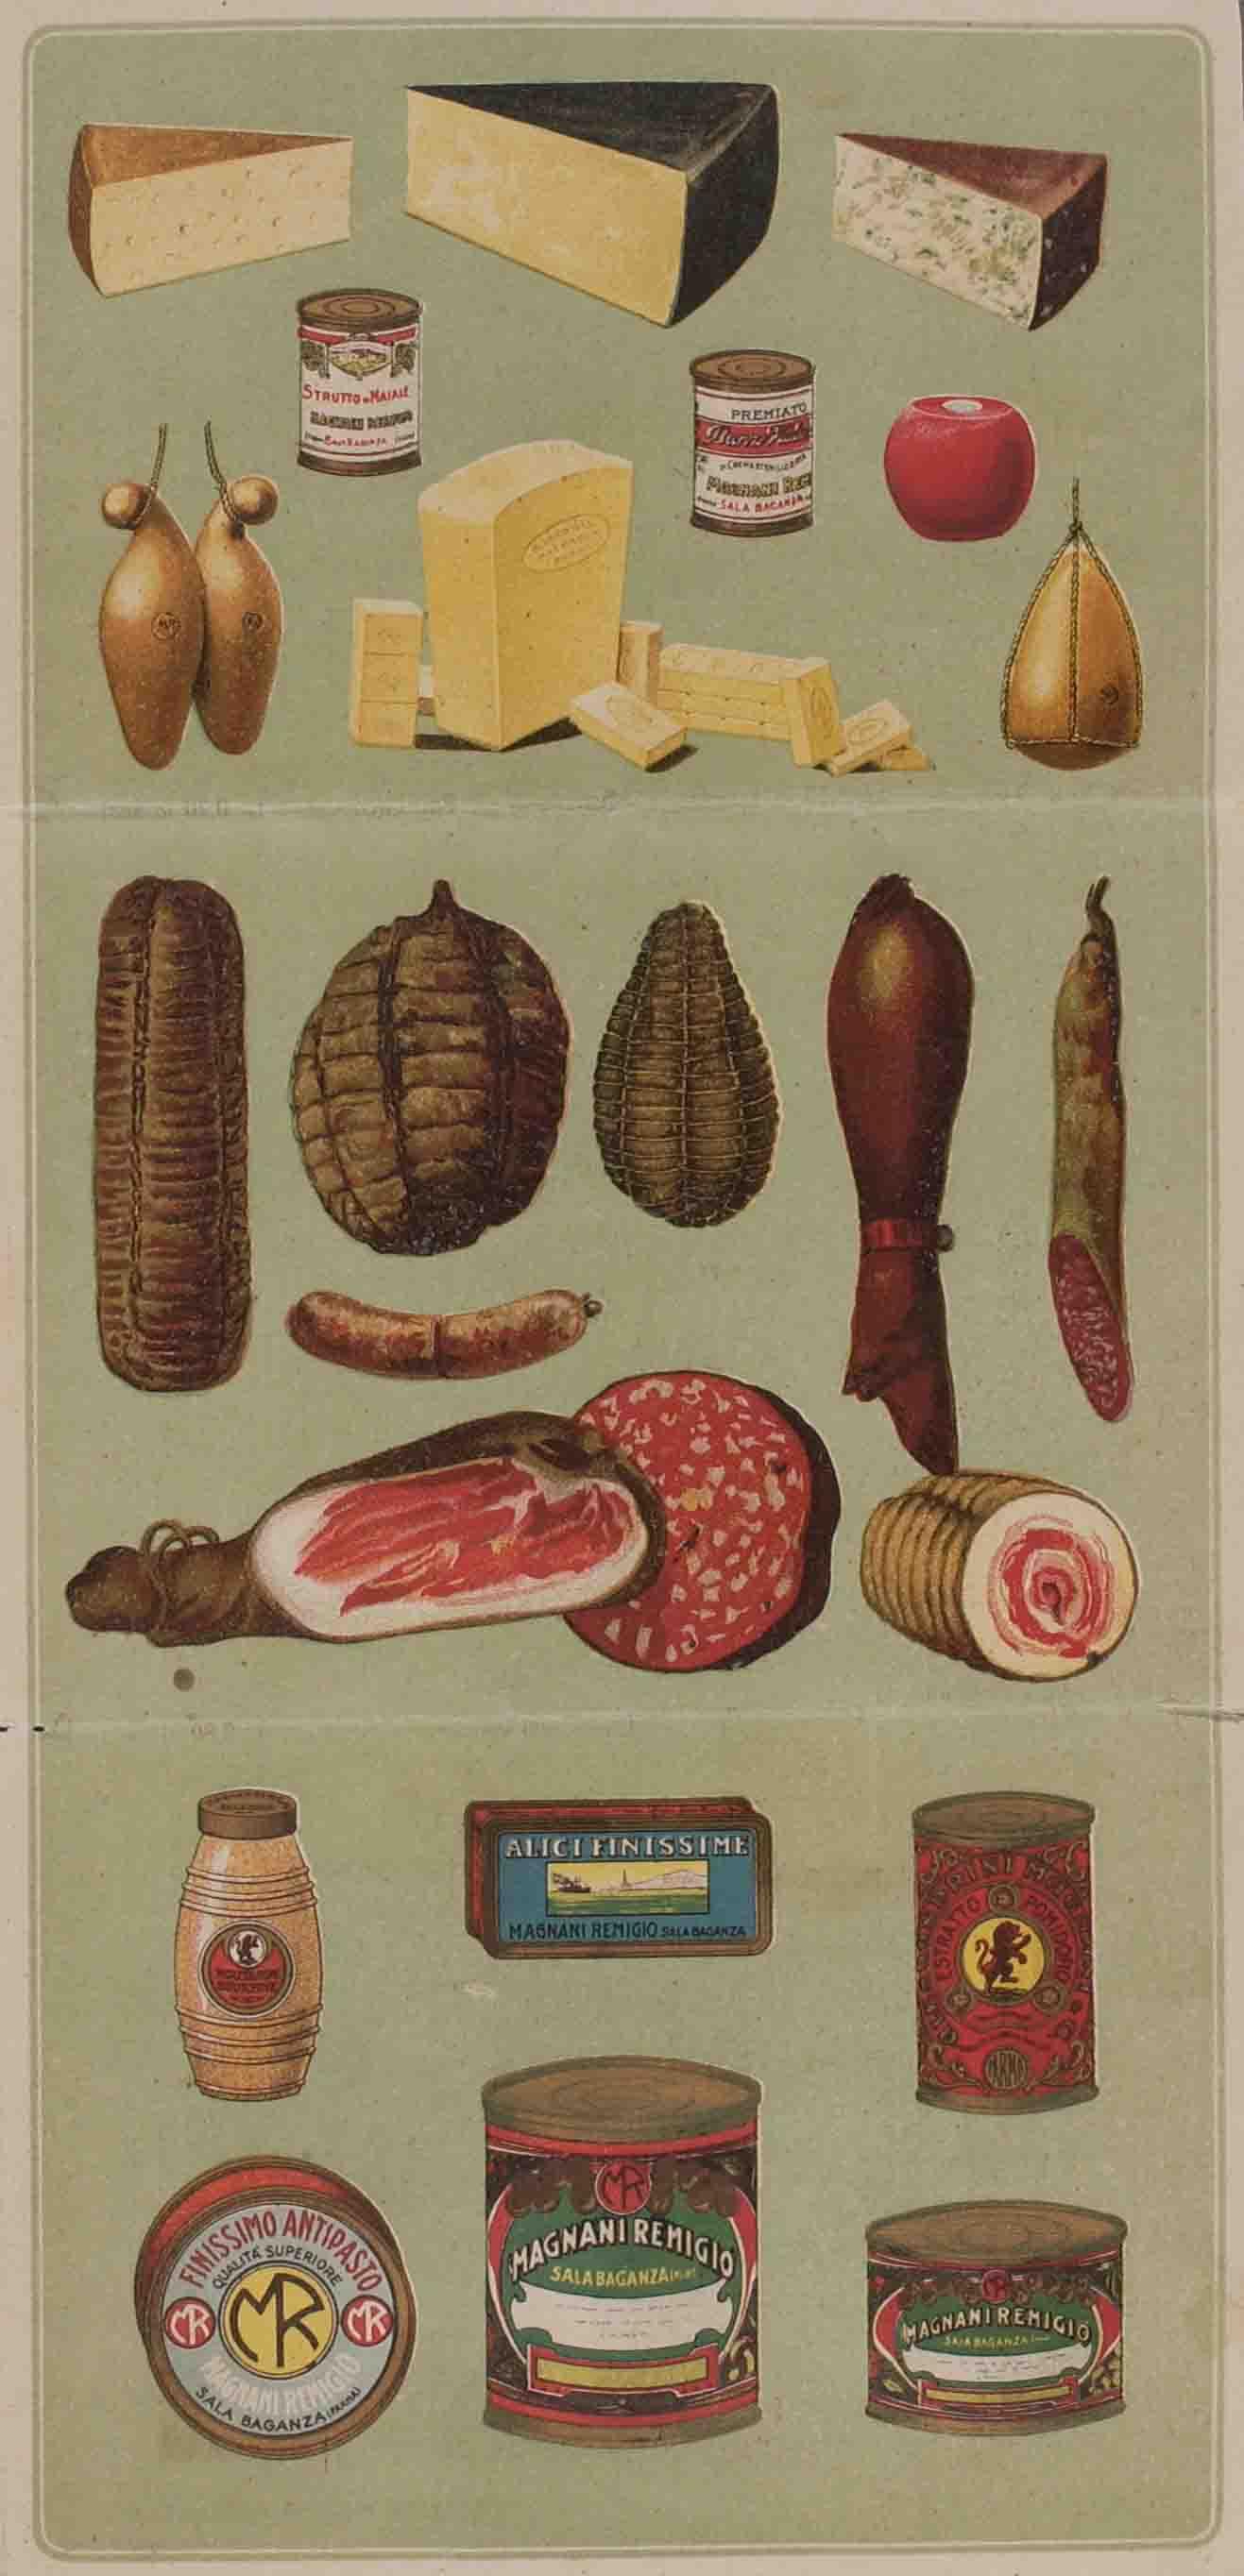 Catalogo dei prodotti alimentari commercializzati negli anni Trenta del Novecento dalla ditta Remigio Magnani di Sala Baganza (PR)